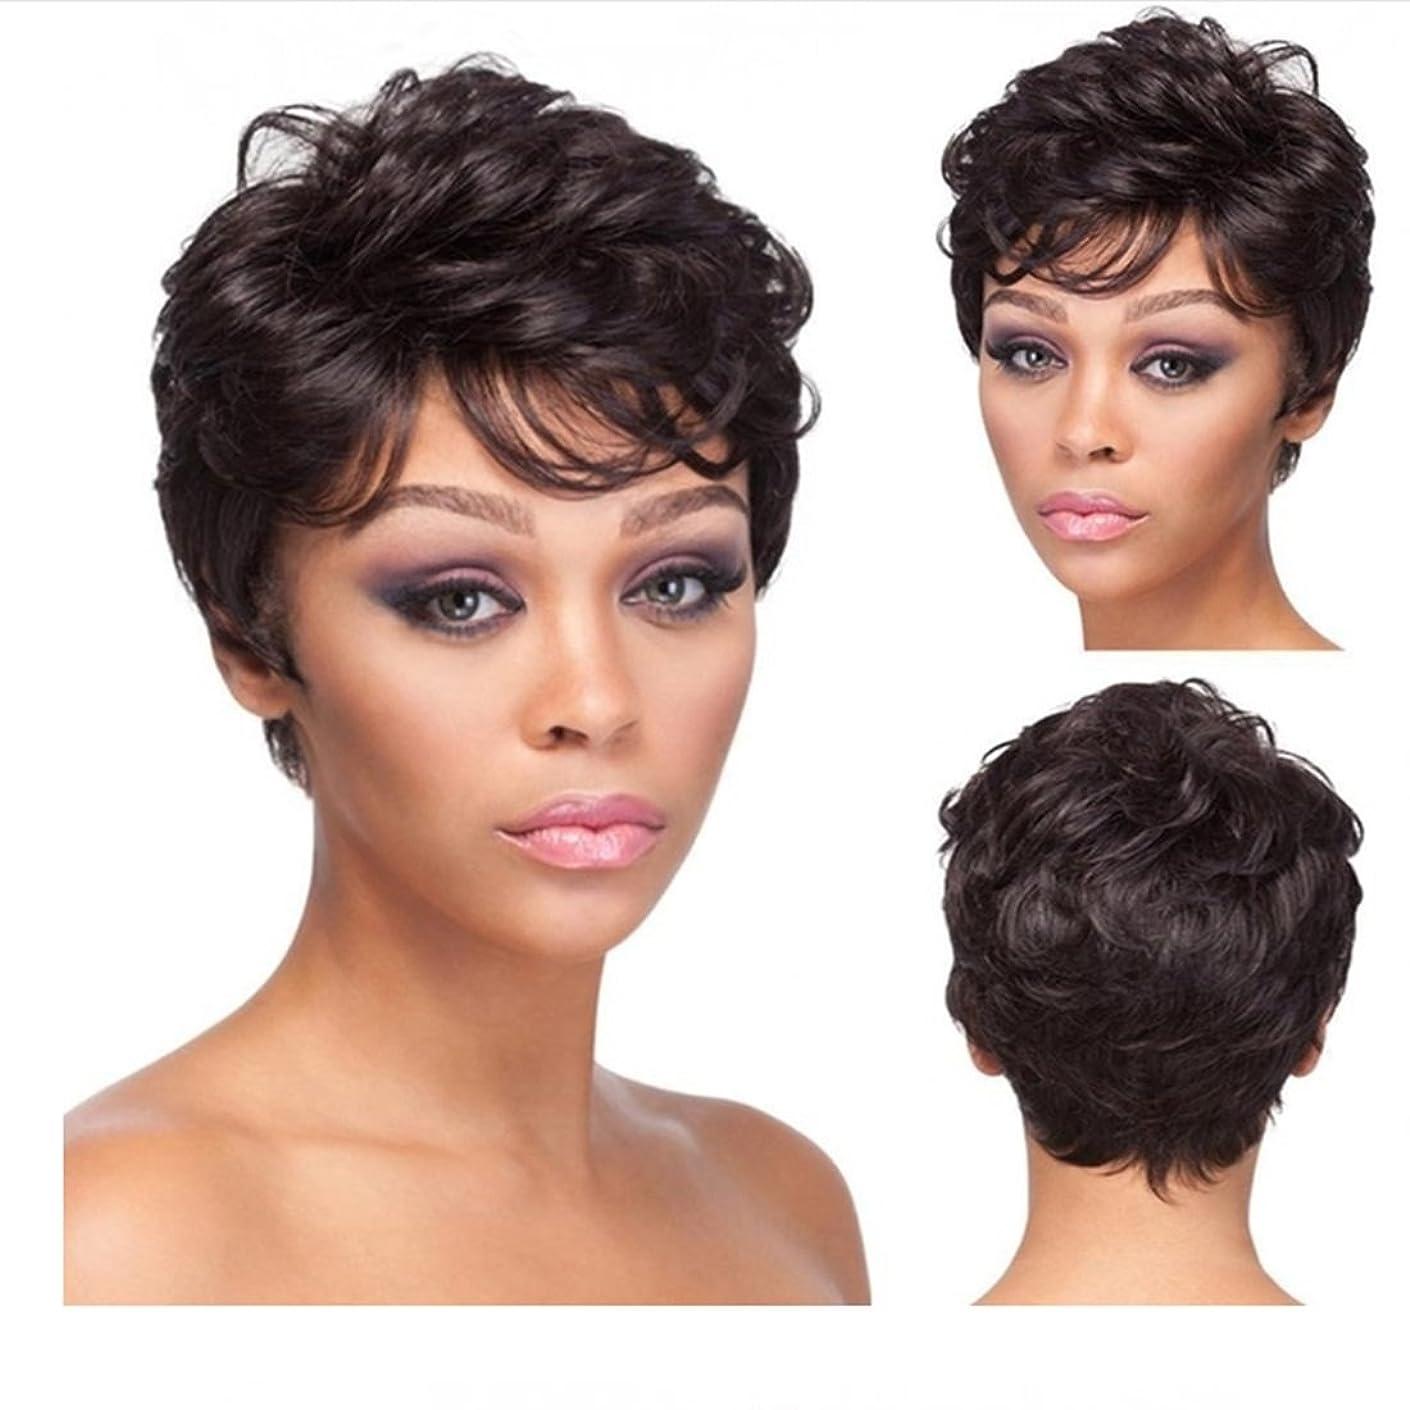 忘れられない安息結果としてDoyvanntgo 女性のための現実的なかつら短くふわふわしたマイクロボリュームのウィッグ斜めのバグスとの日常のかつらのための髪の耐熱ウィッグ20cm / 160g(茶色の黒) (Color : Brownish black)